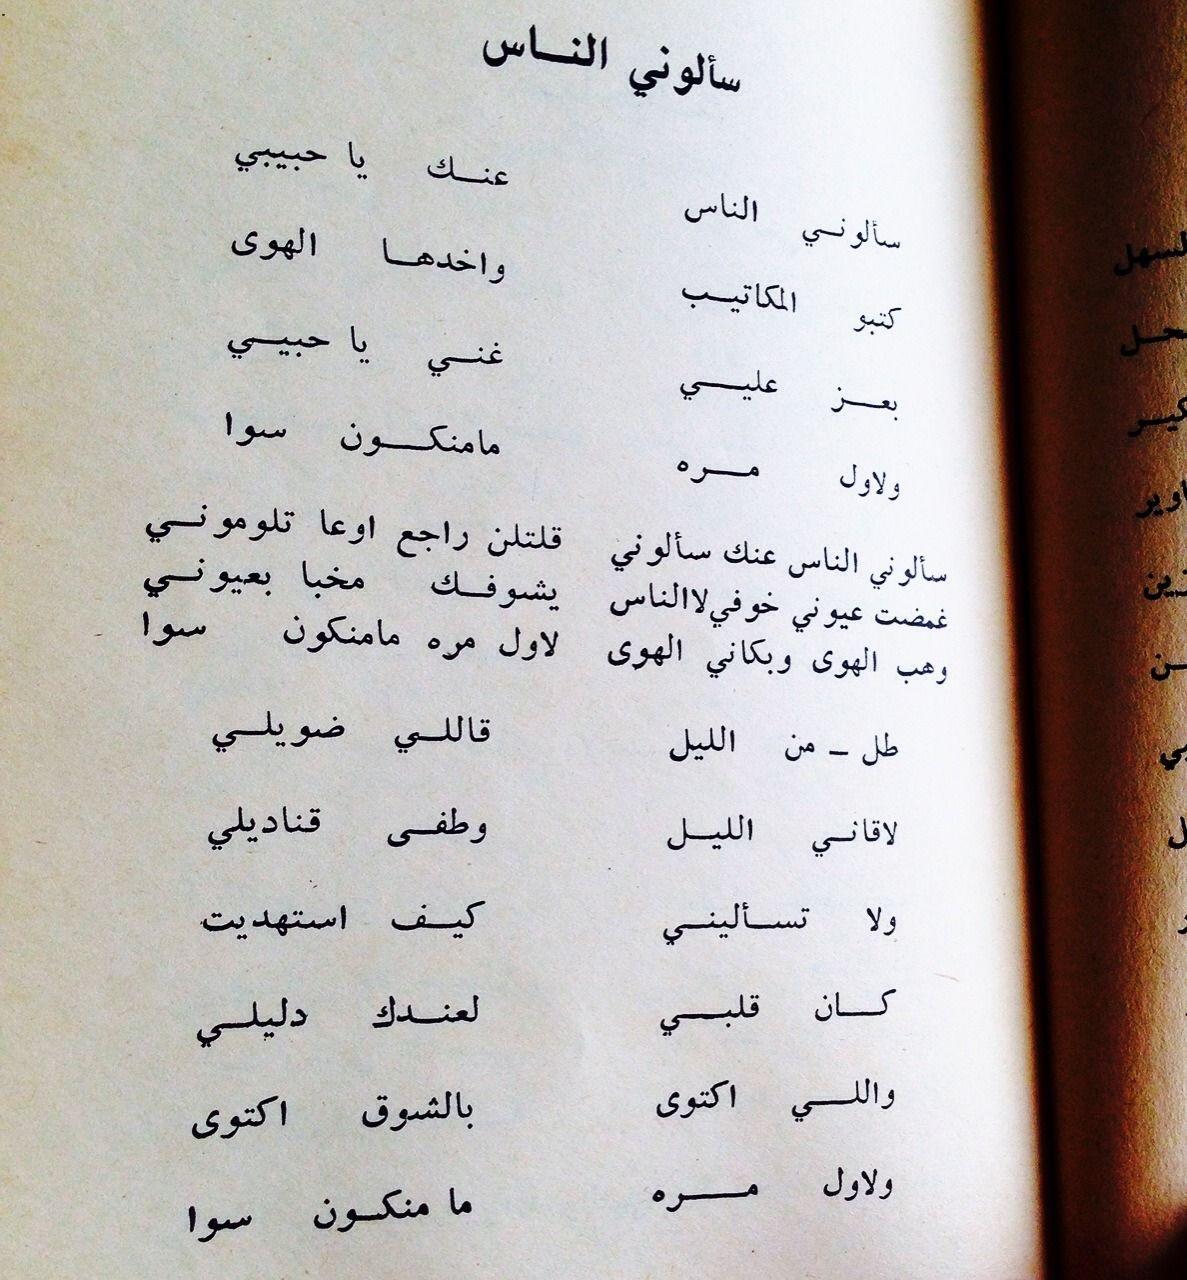 فيروز  سألوني الناس | فيروزيات | Arabic quotes, Arabic words